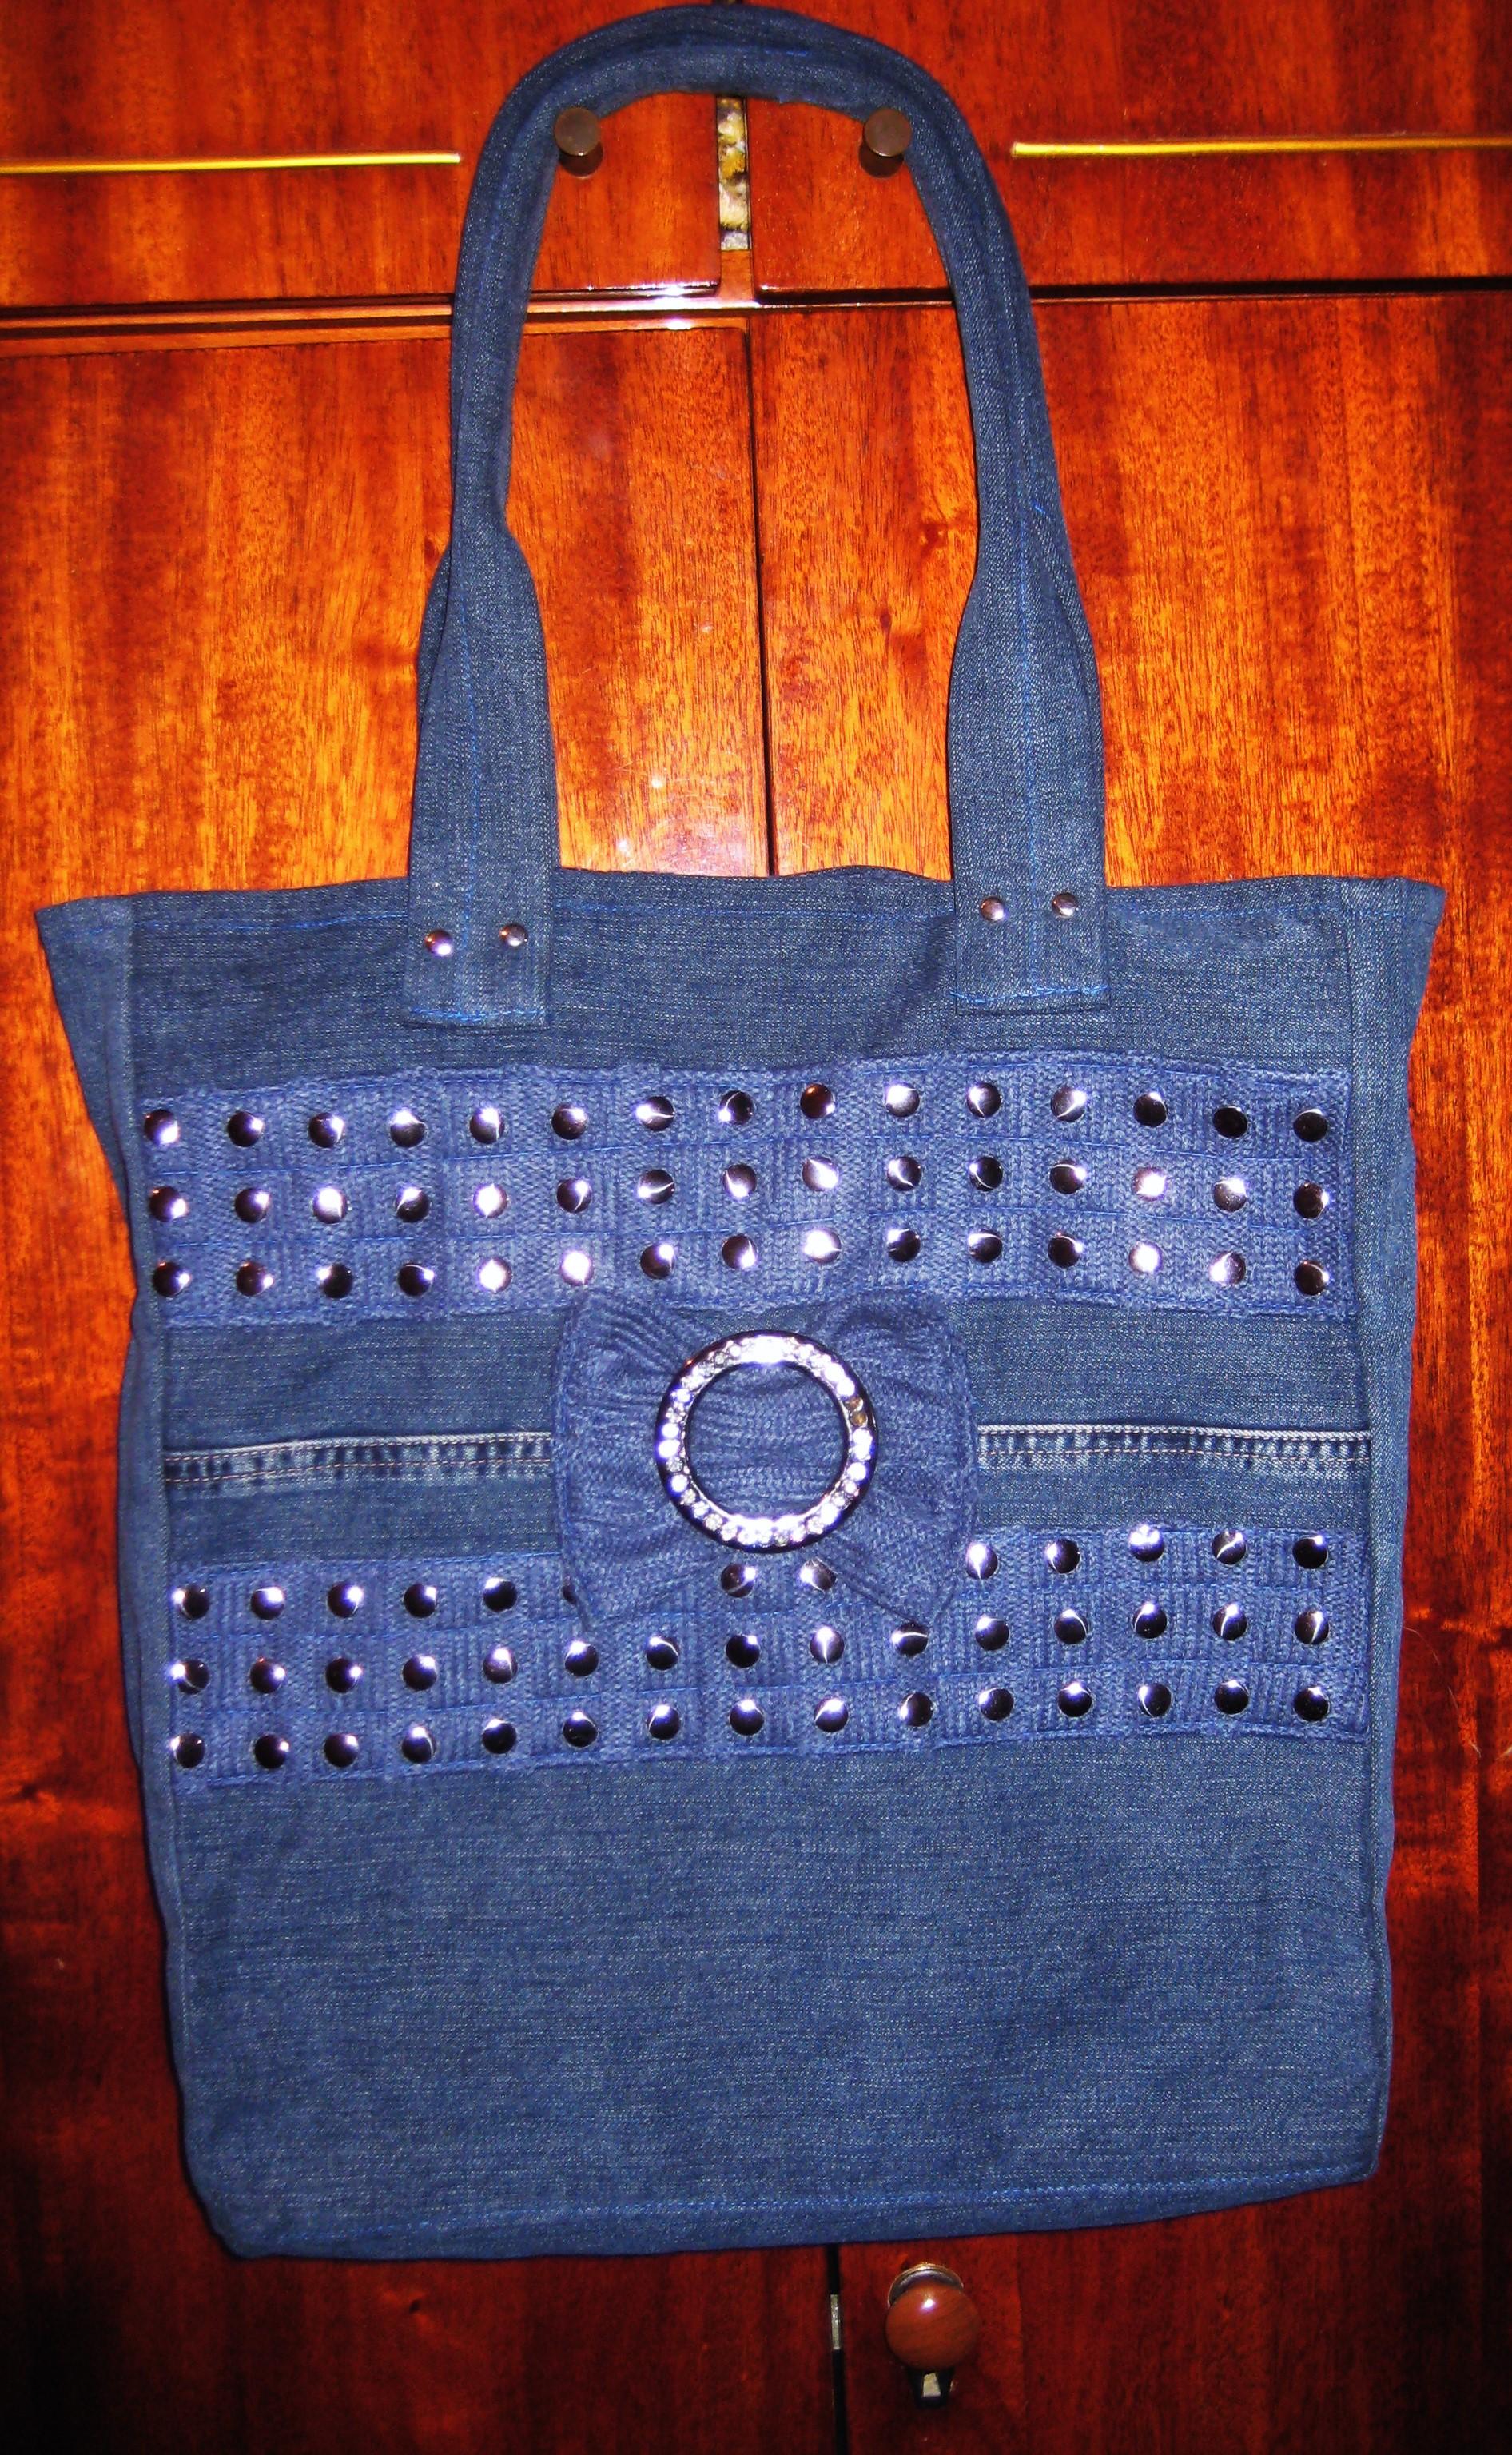 06fc47e9ef1b По просьбе сестры сшила ей джинсовую сумку. Просила сшить простую походную  для работы без